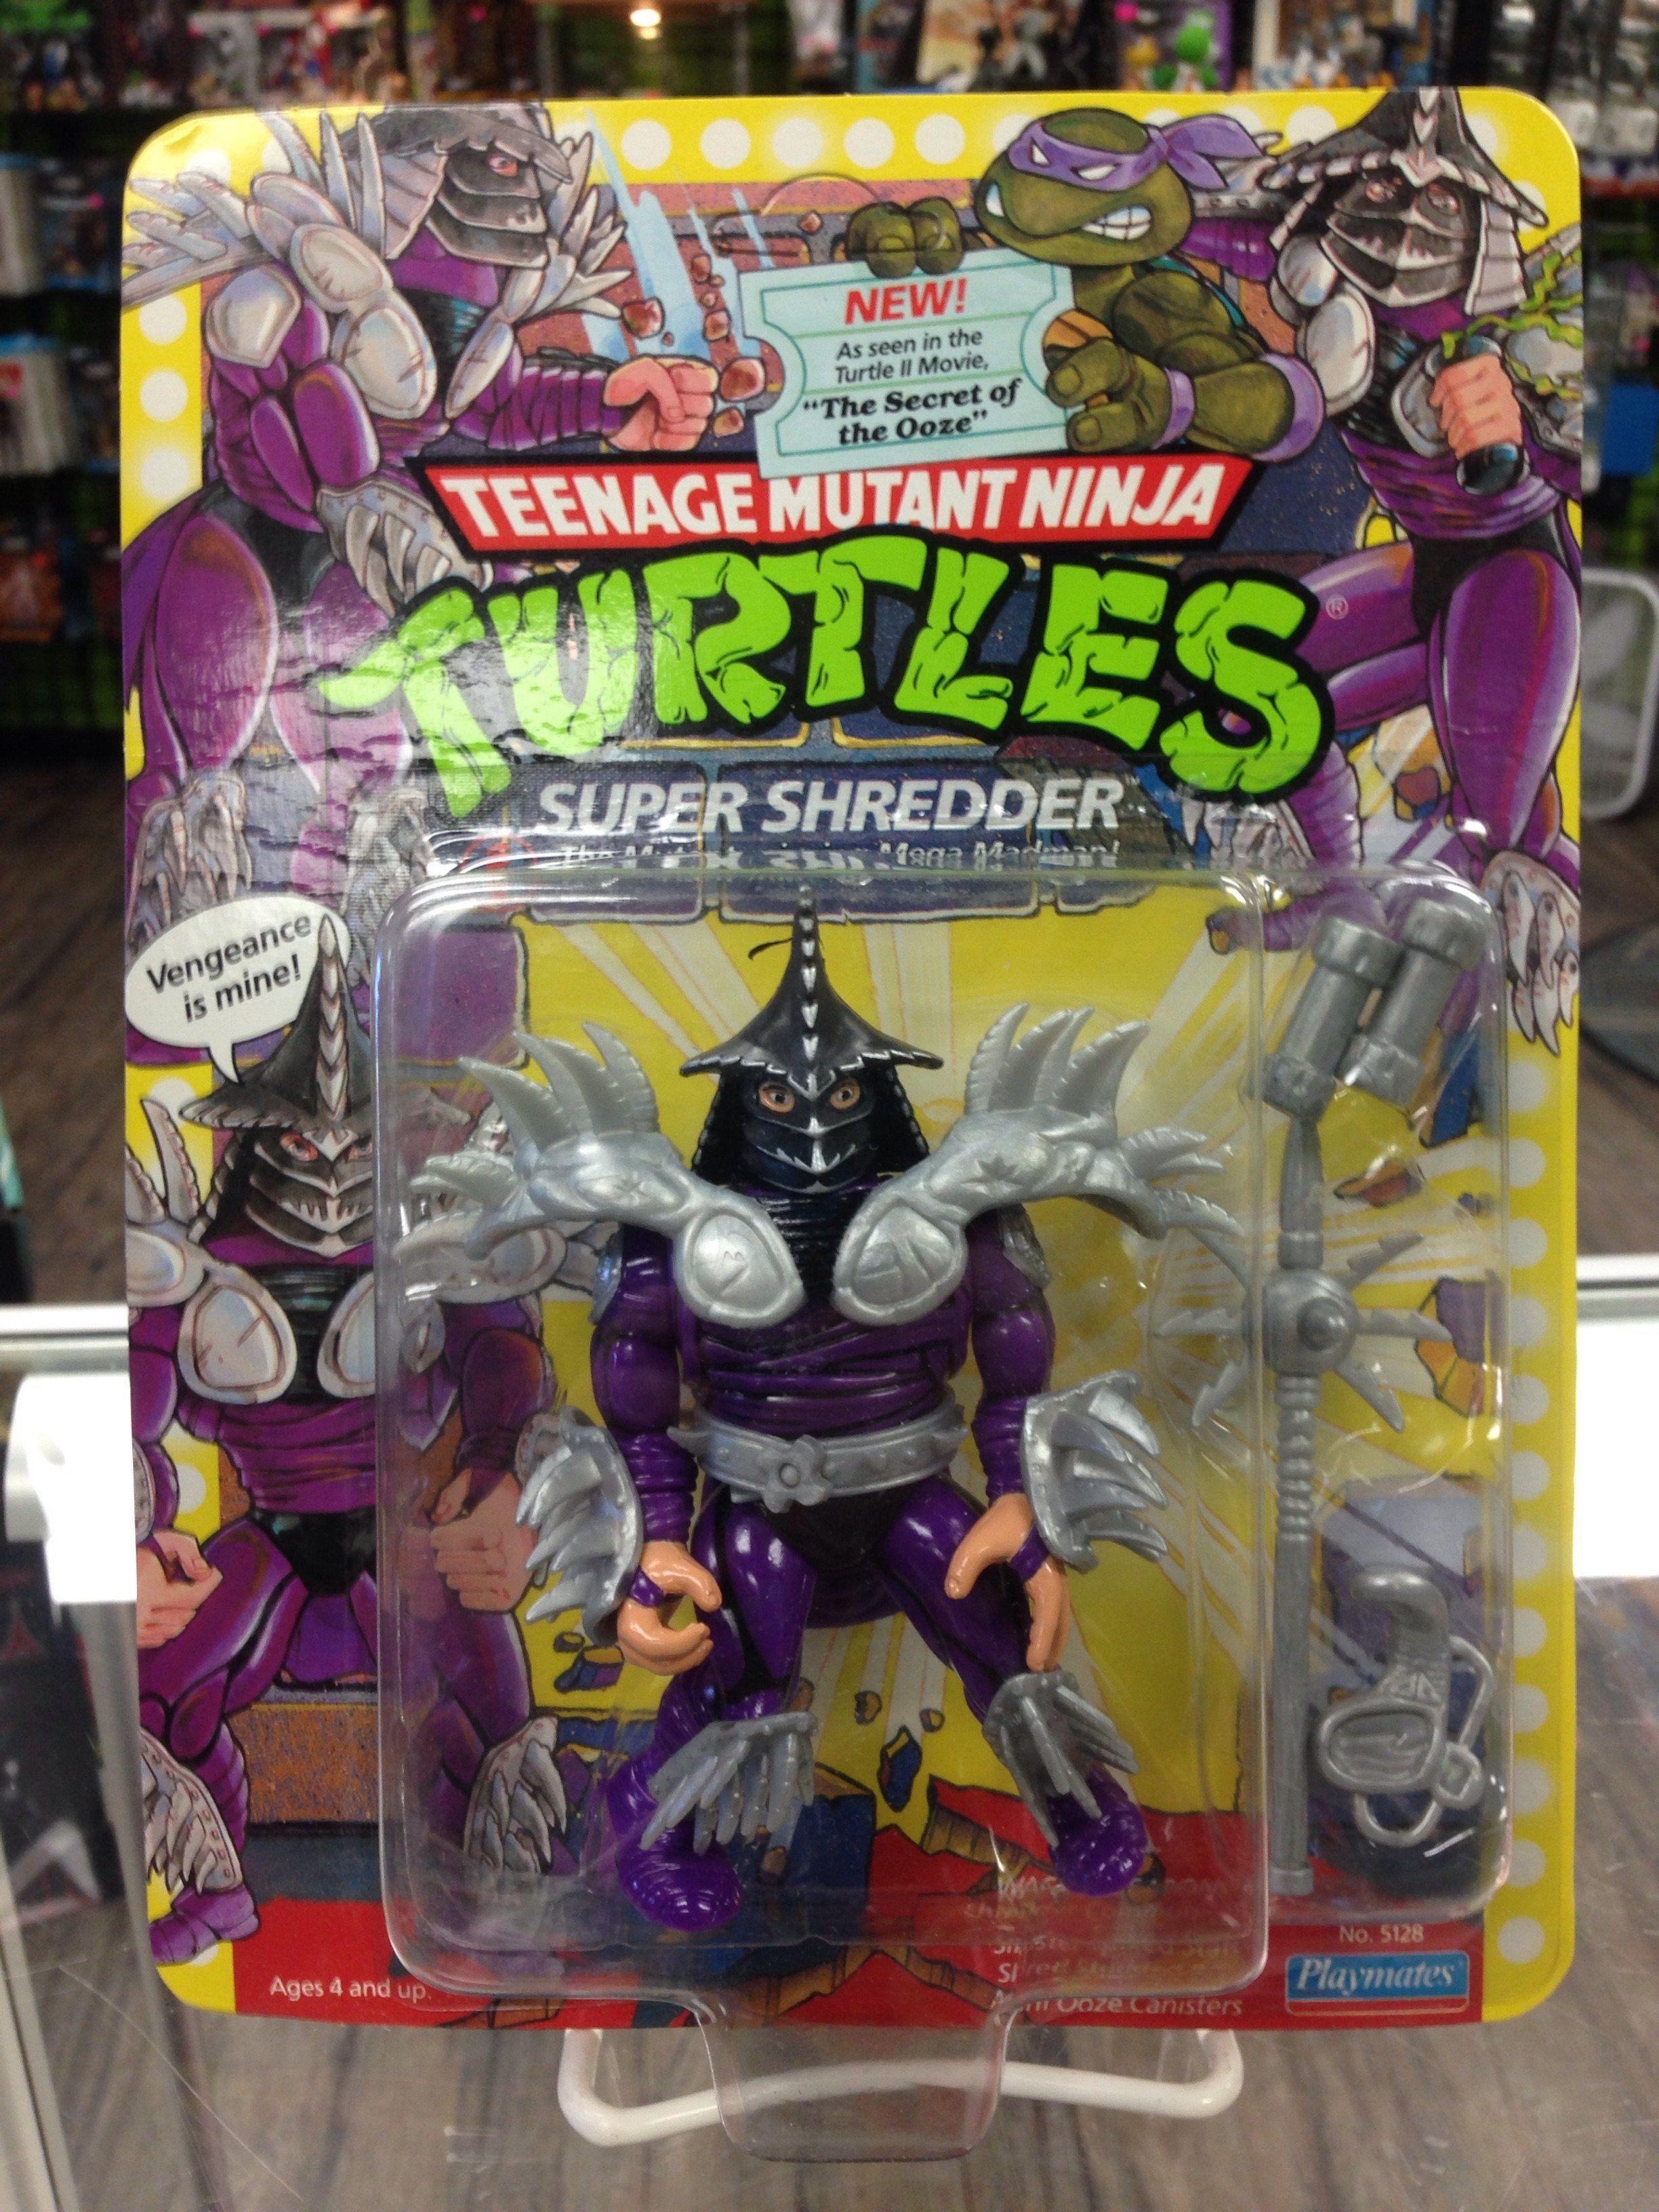 Playmates Teenage Mutant Ninja Turtles Super Shredder Teenage